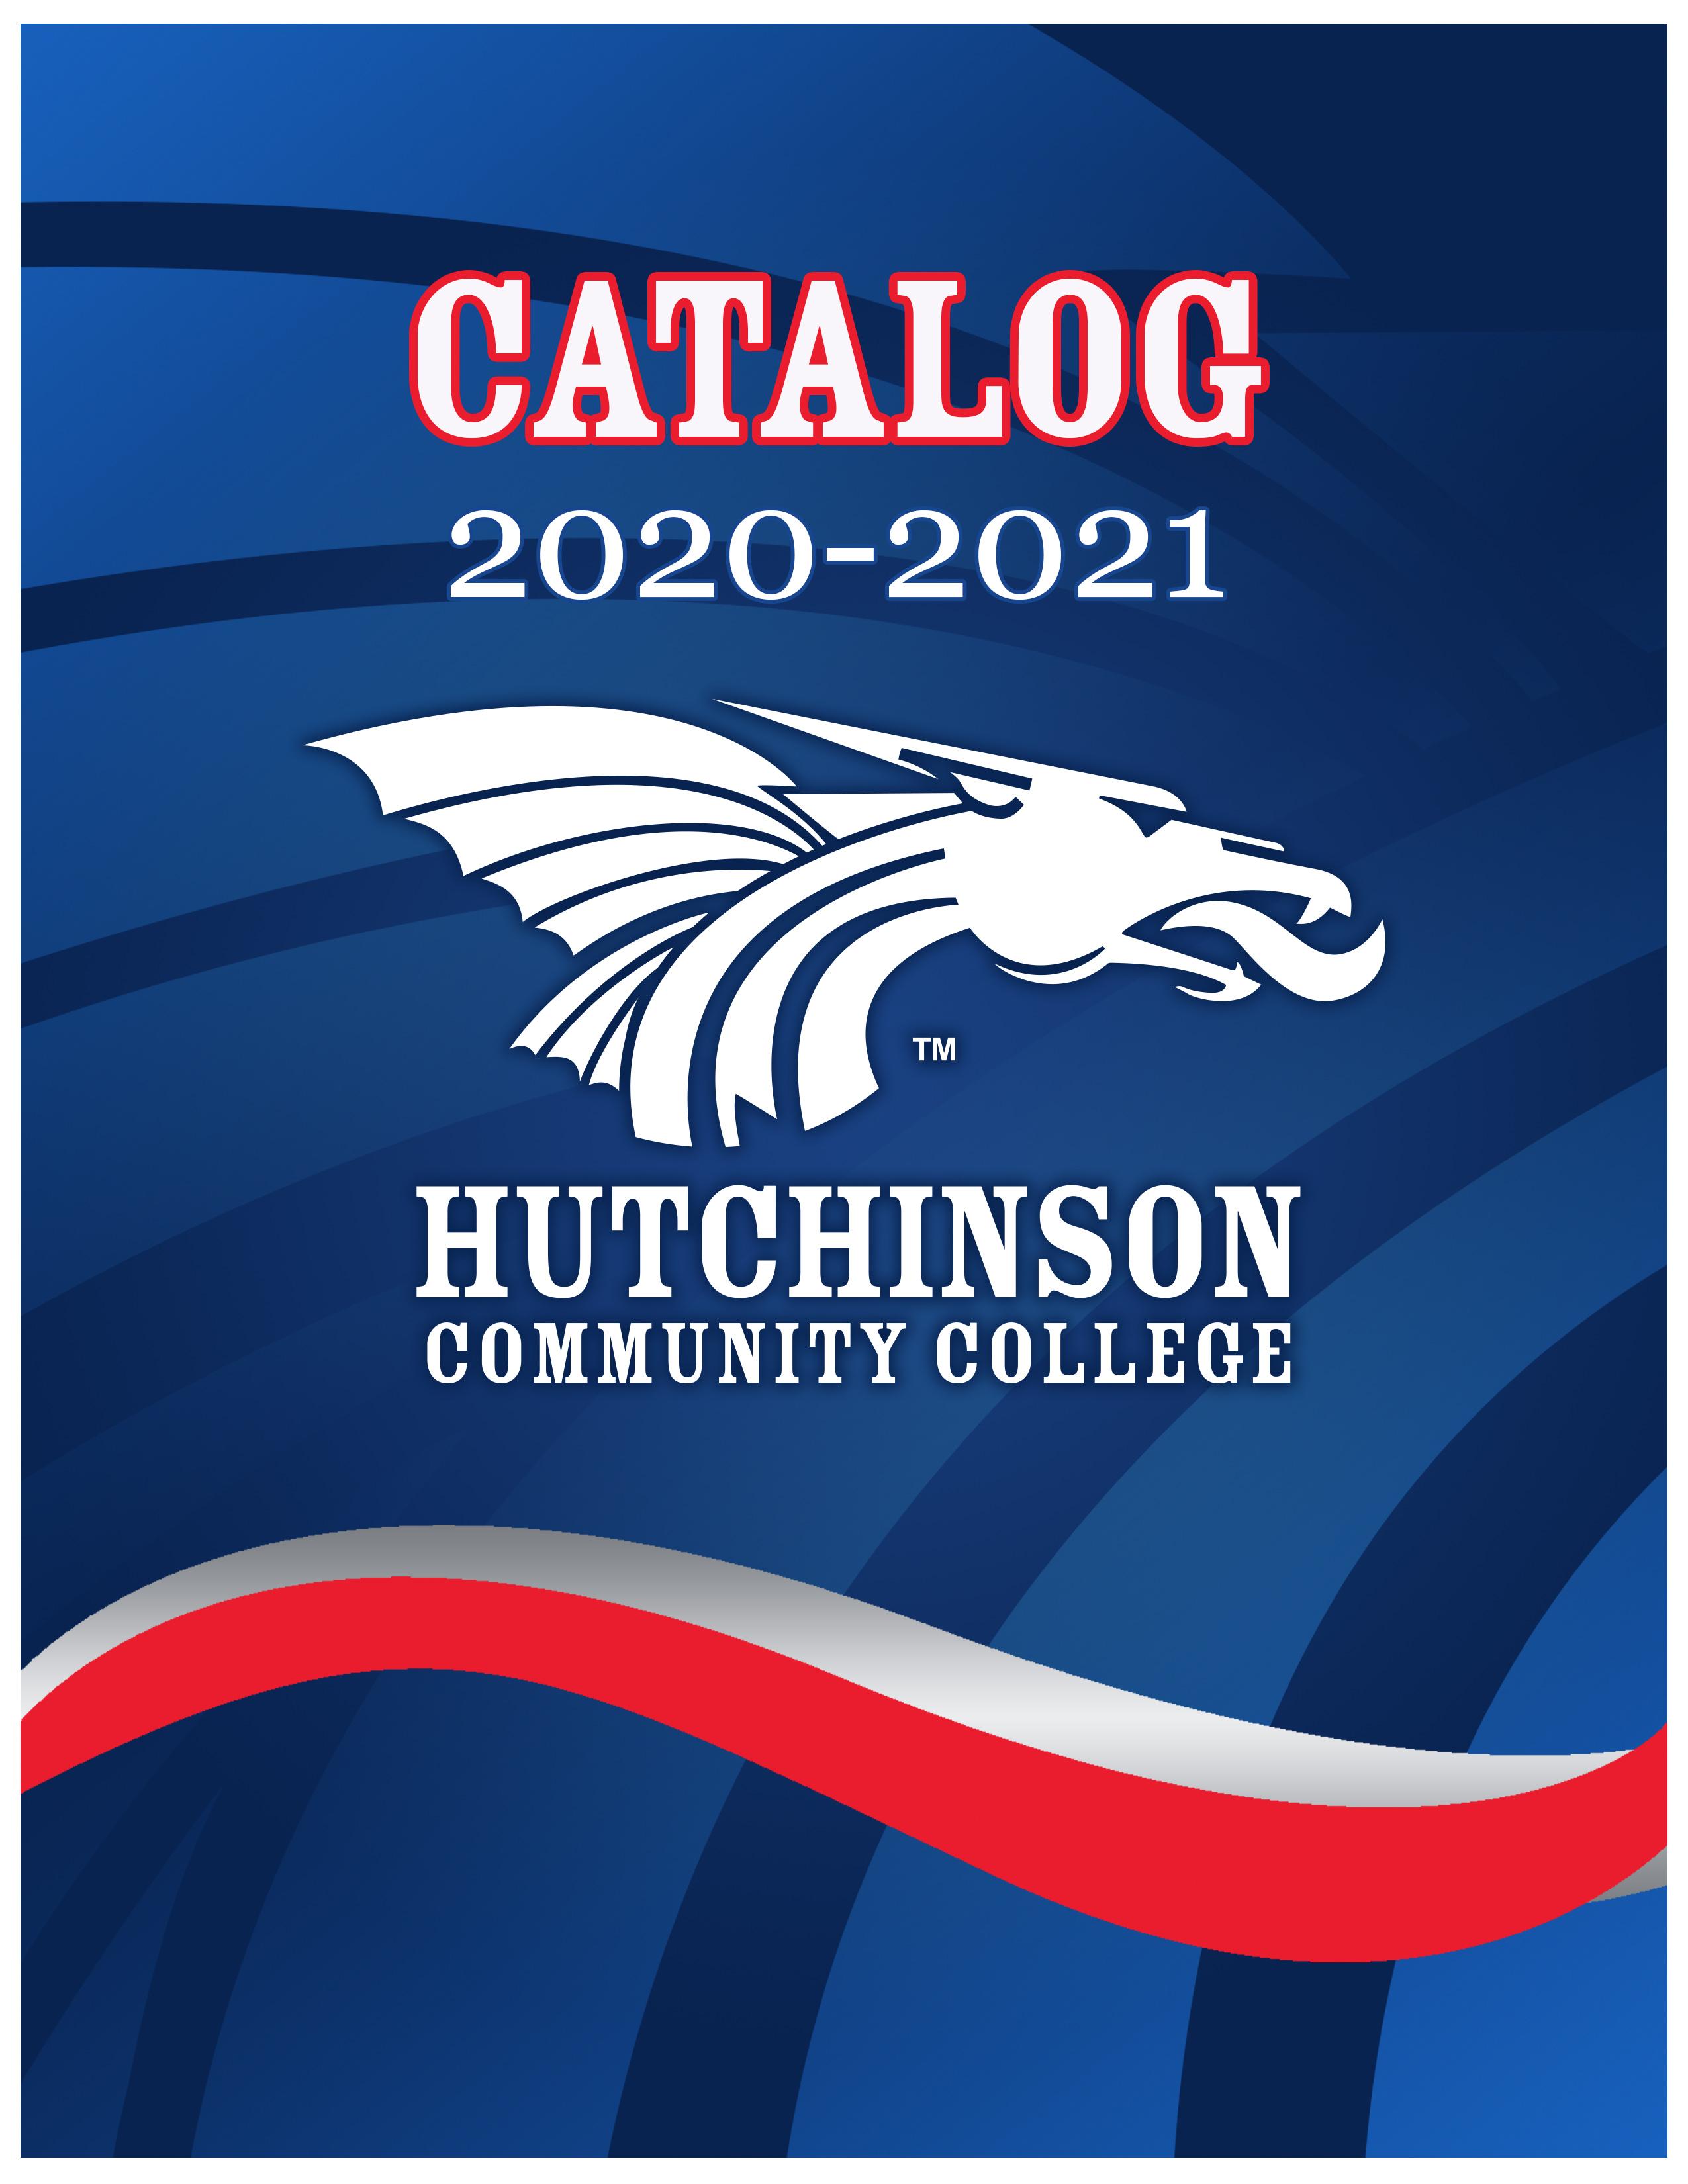 Catalog Cover - 2020-2021